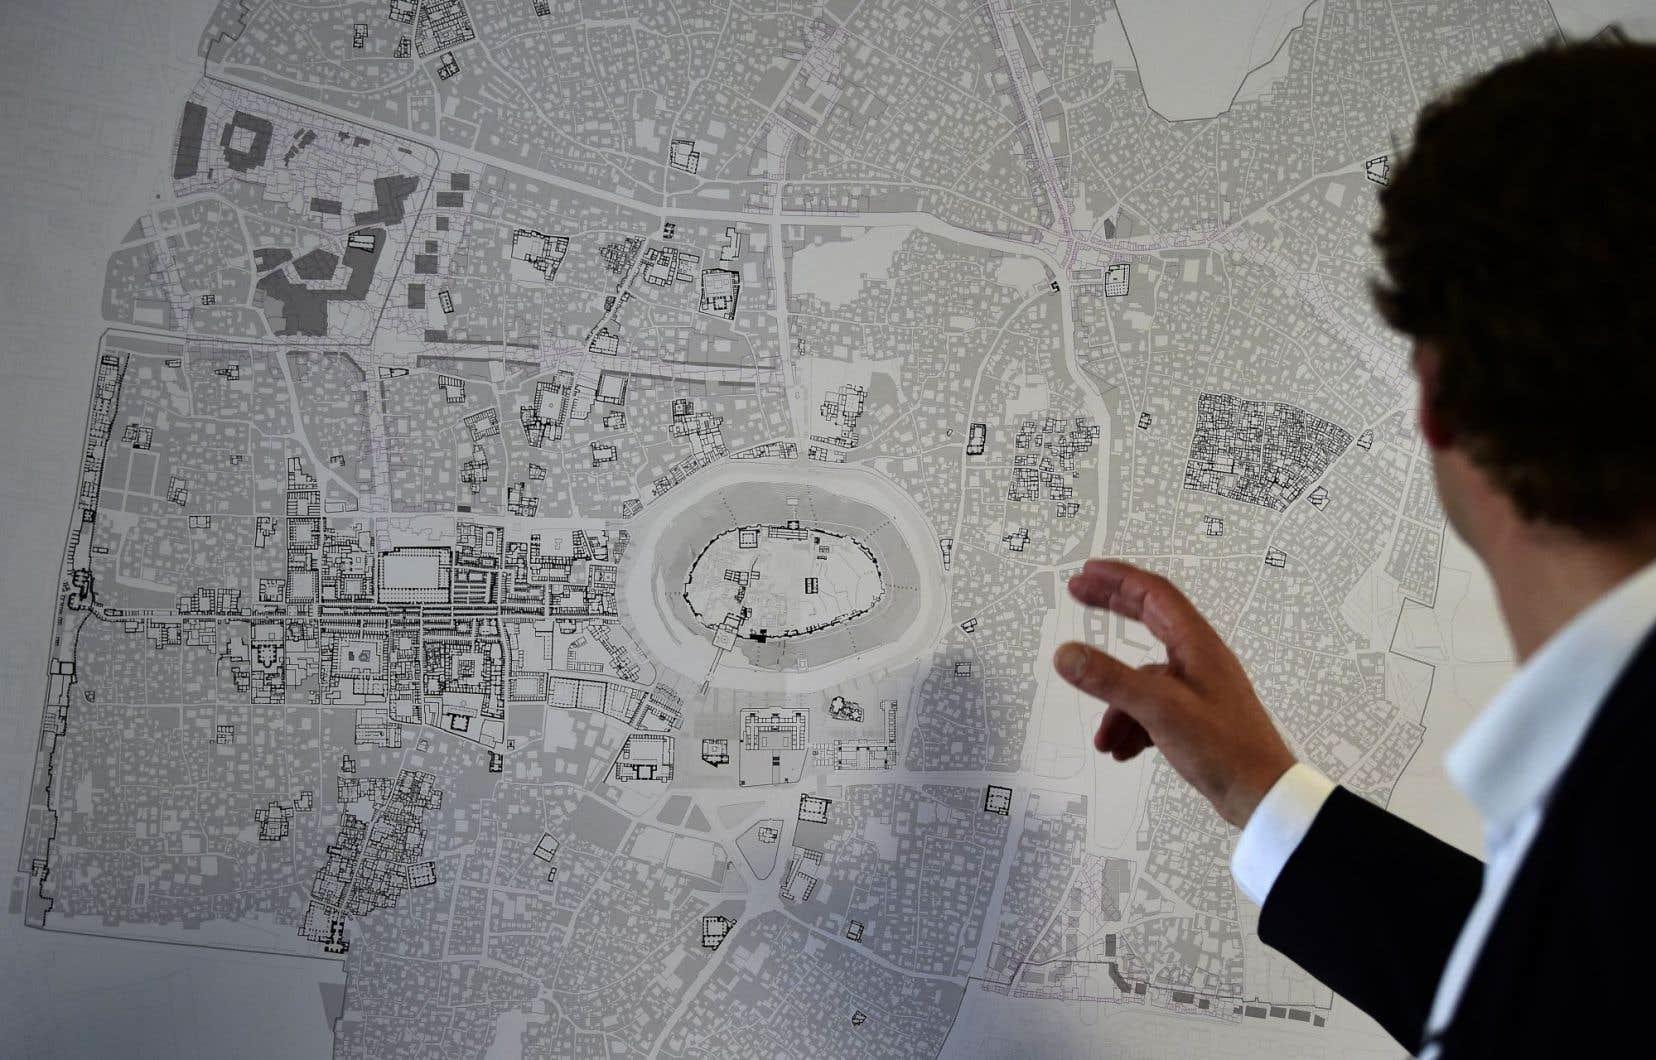 Le défi de la reconstruction d'Alep sera immense, soulignent les chercheurs de la Faculté d'architecture de Cottbus.